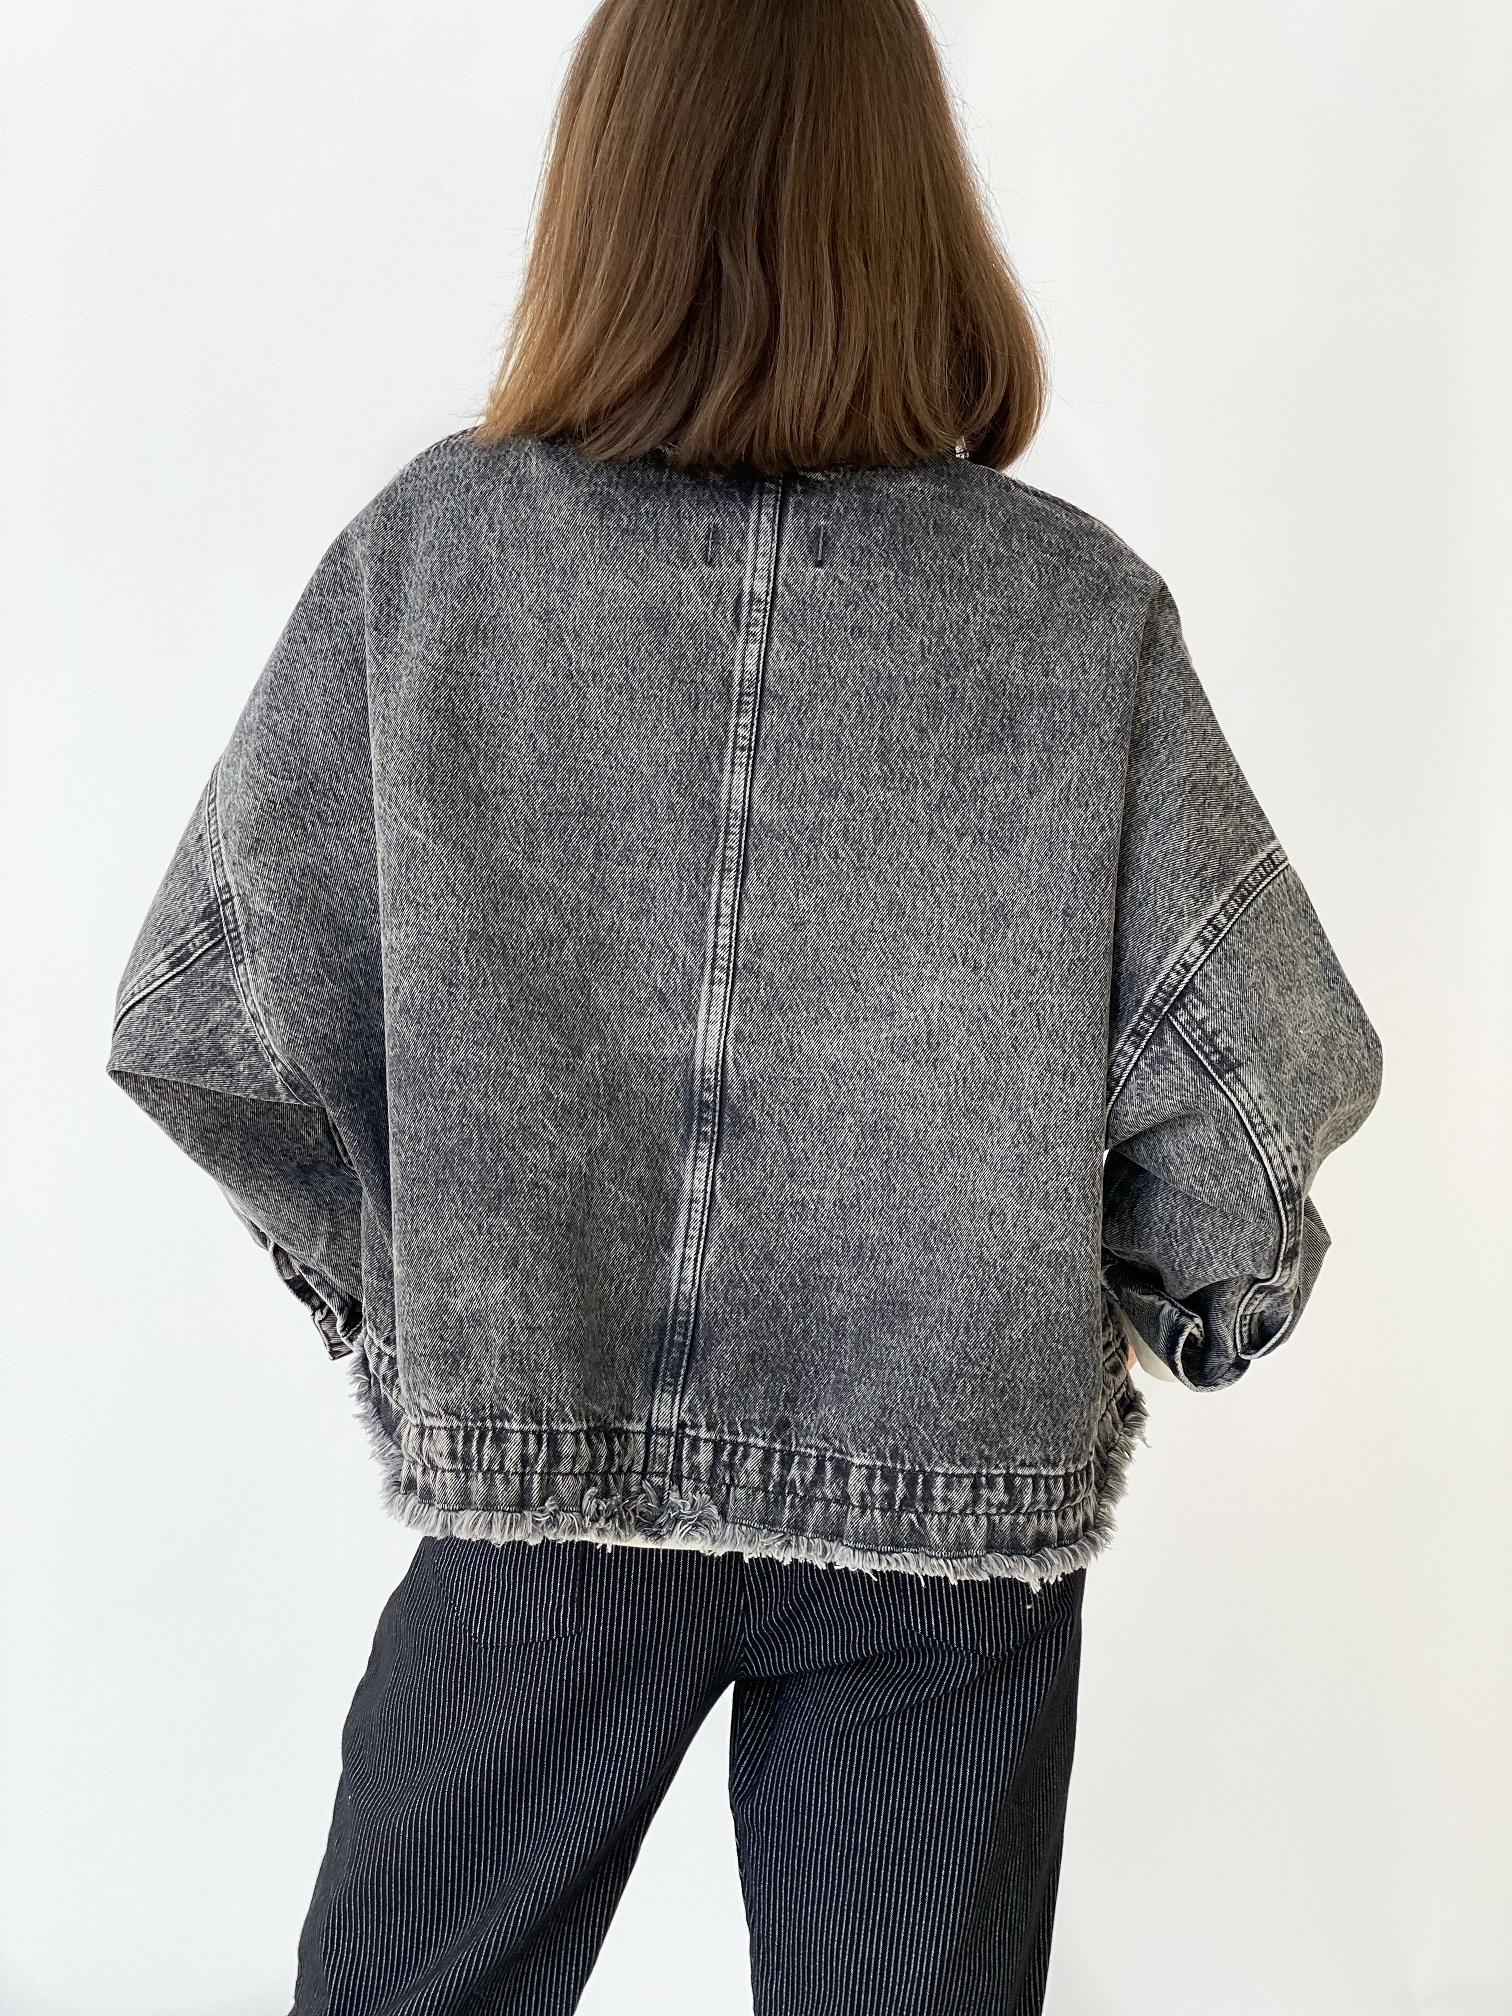 Джинсовая куртка, UNO, Freedom (серый)